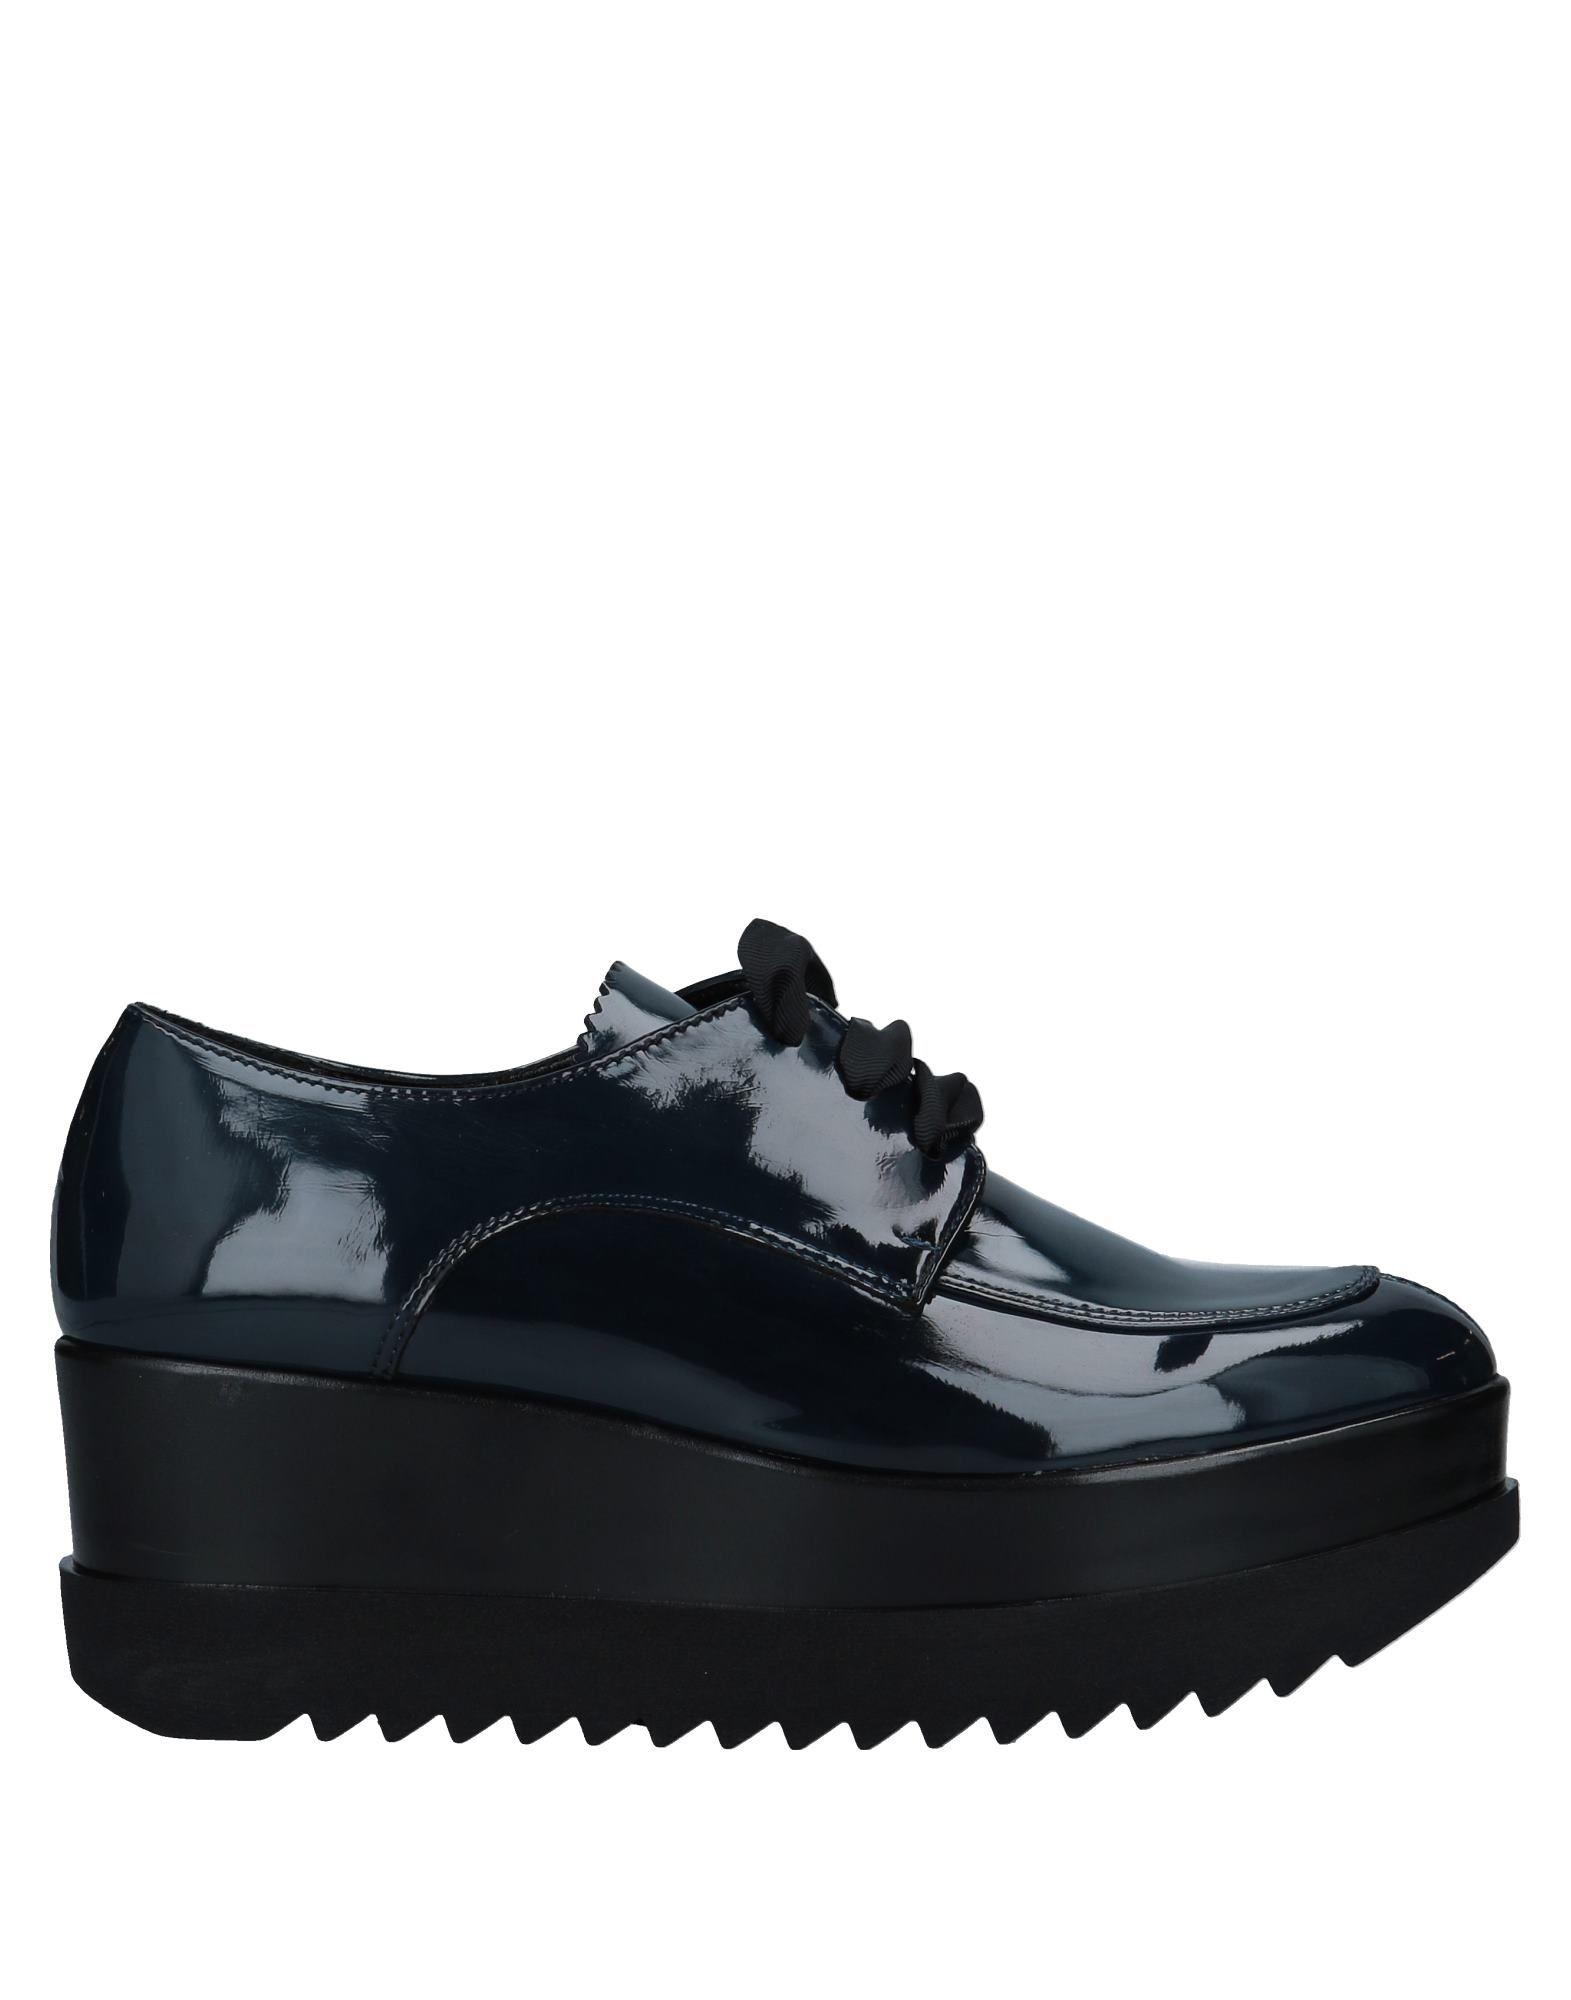 Lorenzo Mari Schnürschuhe Damen beliebte  11552419KA Gute Qualität beliebte Damen Schuhe 5480ef